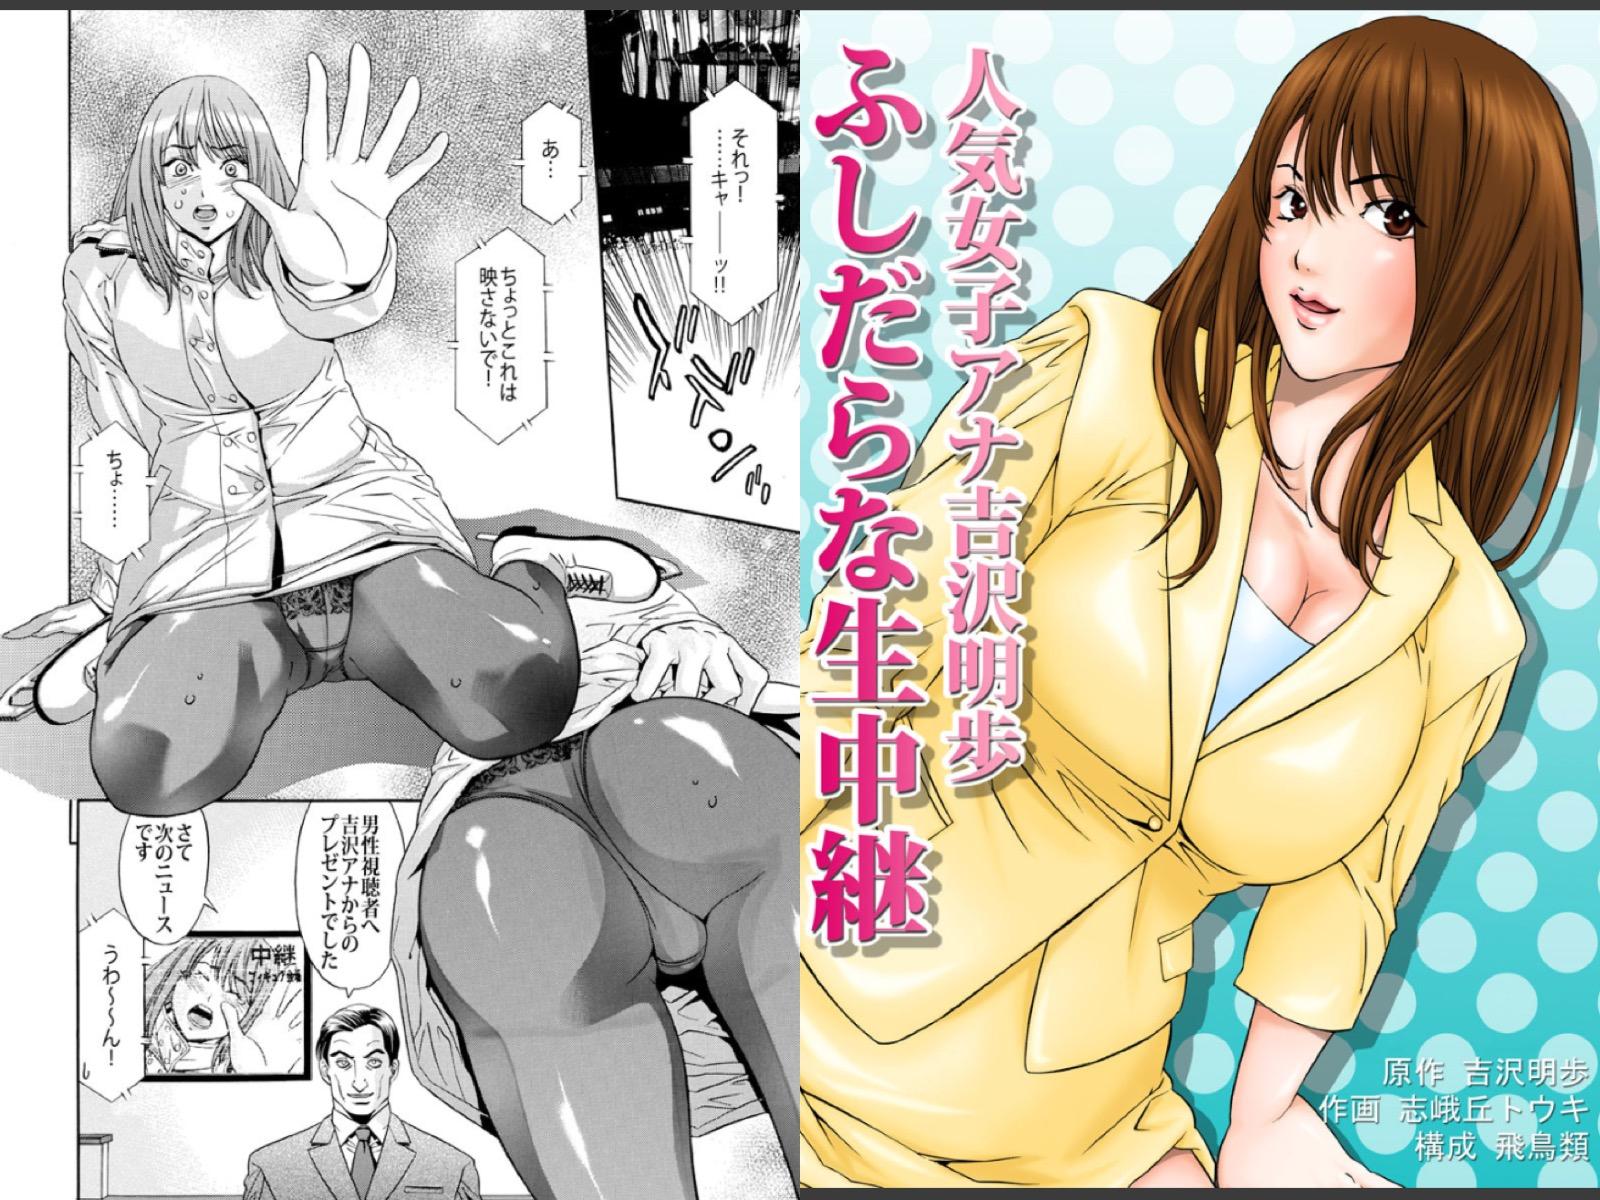 人気女子アナ吉沢明歩 ふしだらな生中継を無料で読む方法